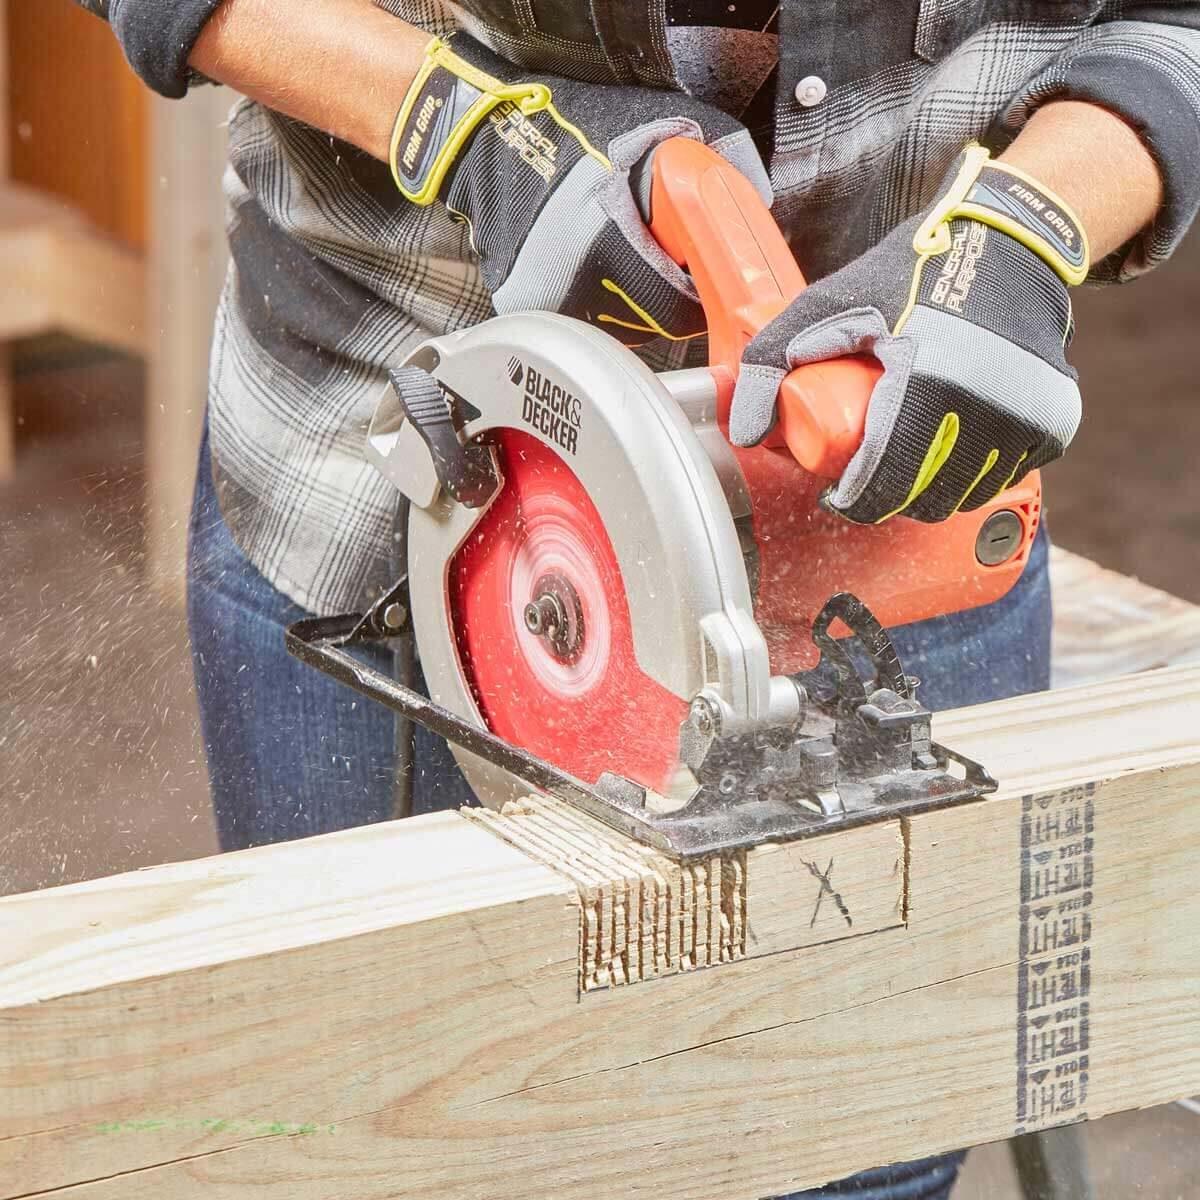 FH17JAU_580_54_113 make the kerf cuts